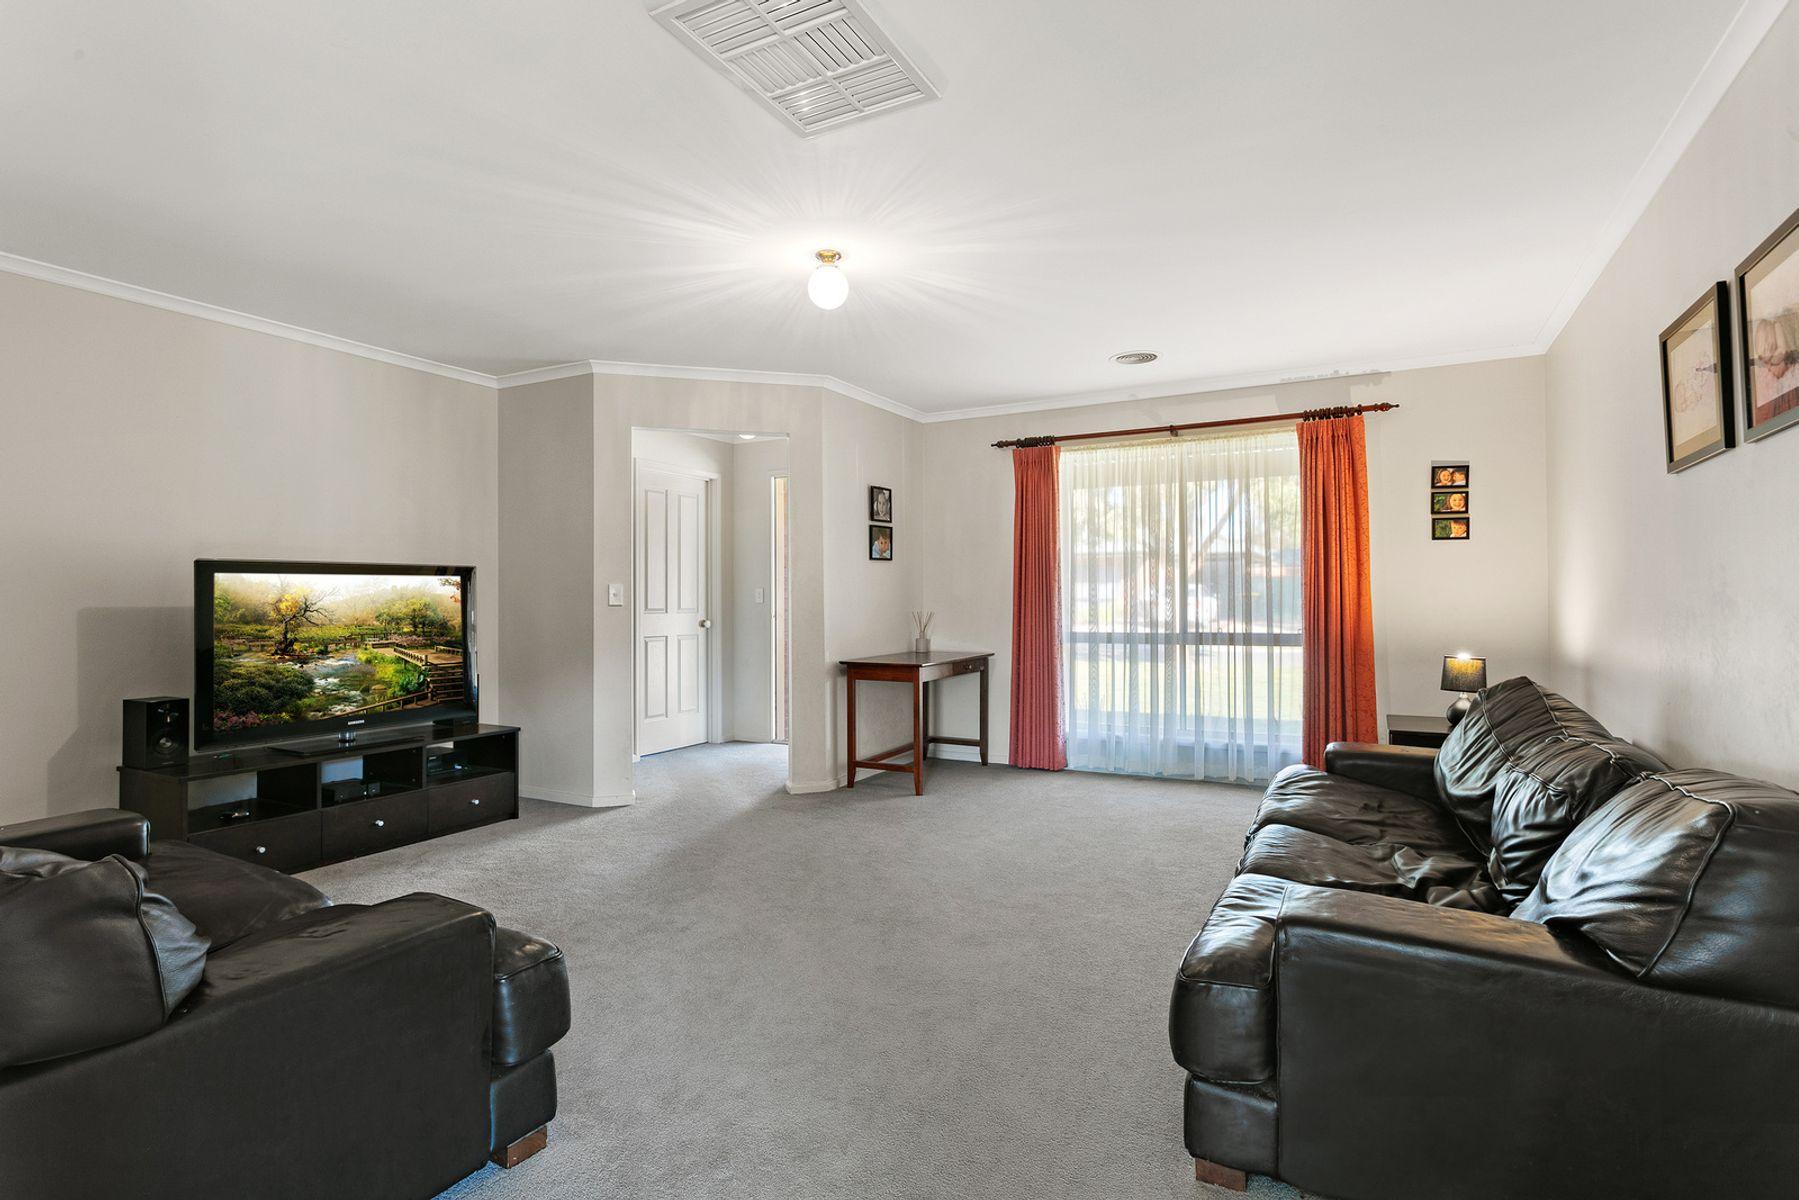 11 Midas Street, Strathfieldsaye, VIC 3551